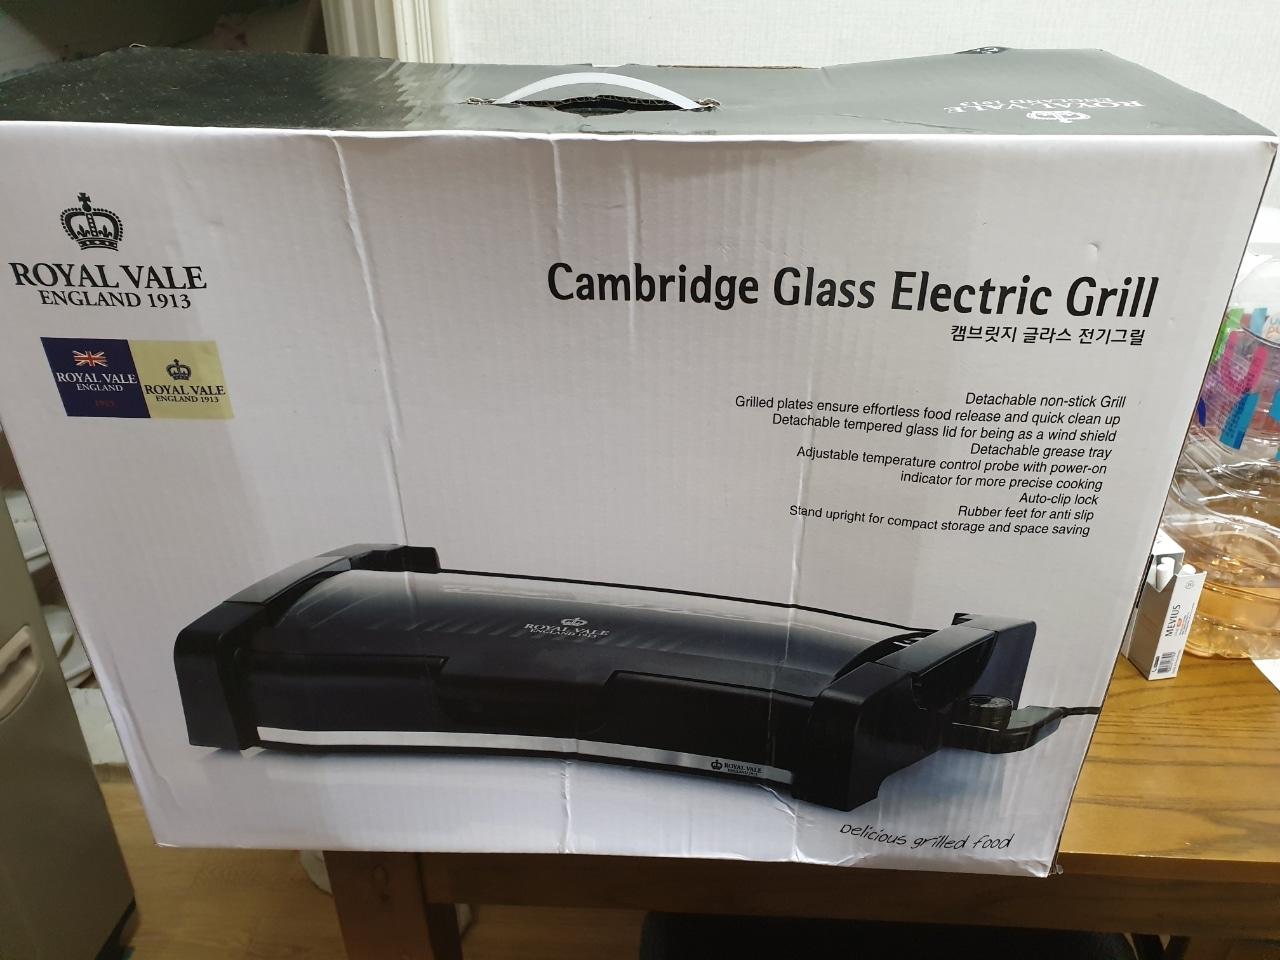 캠프릿지글라스전기그릴판매